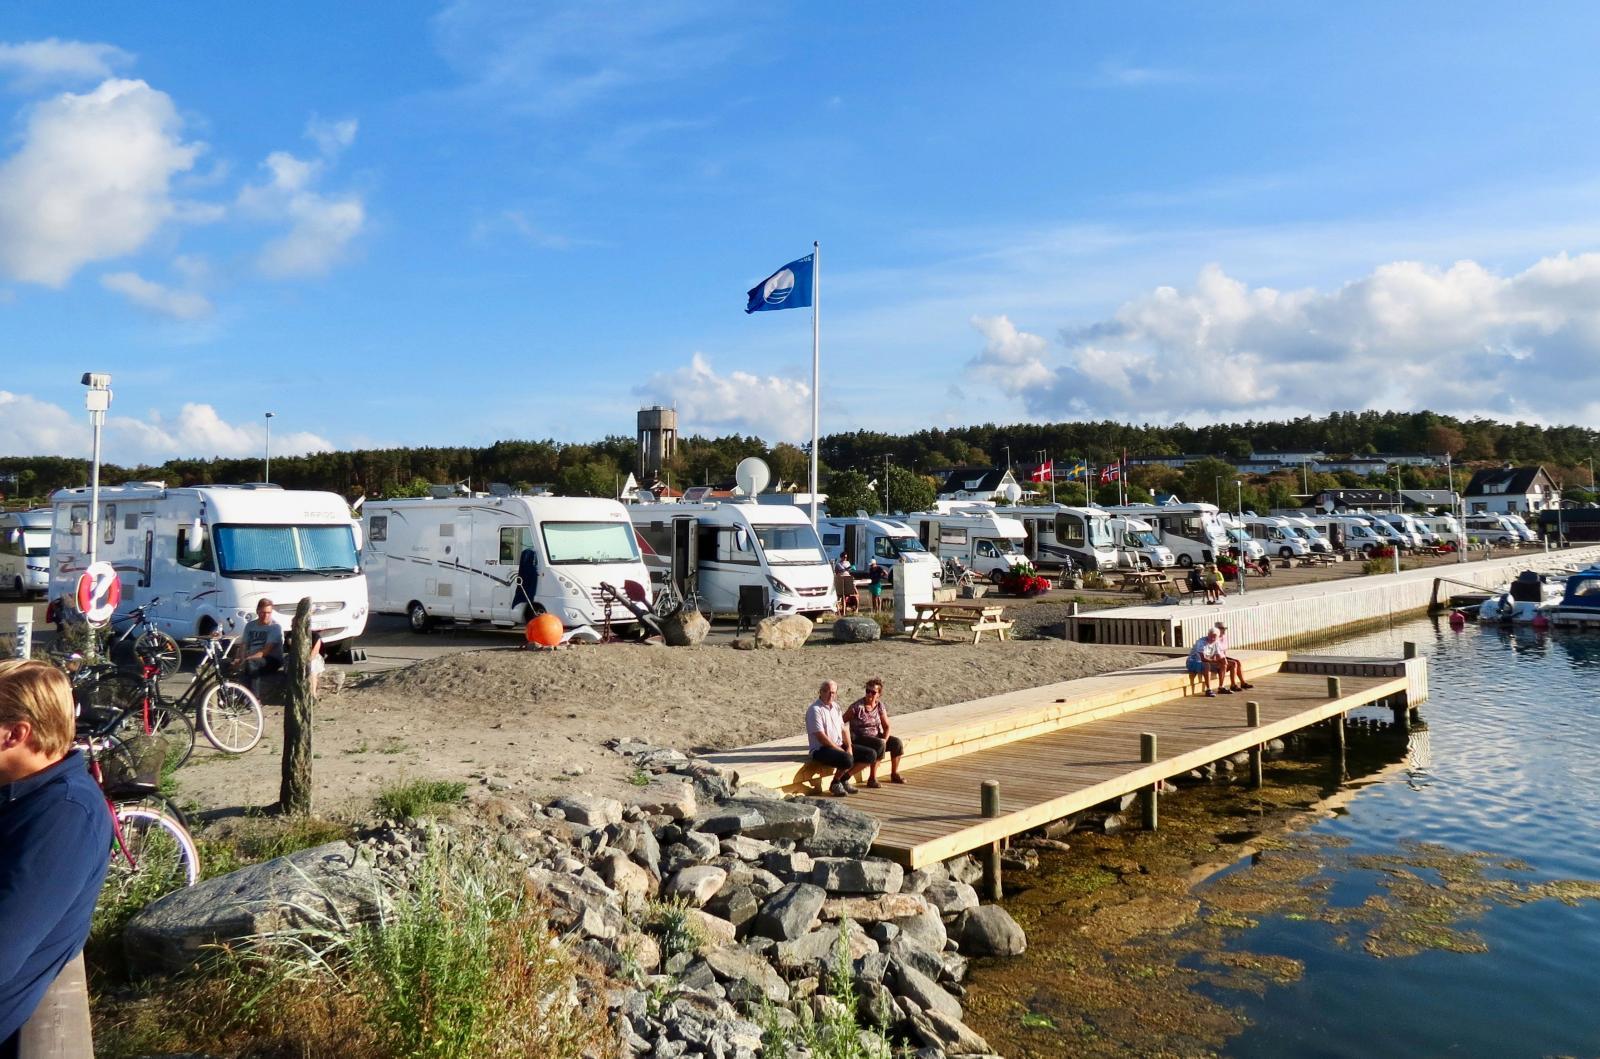 Många gästhamnar, som denna i Bua, har även ställplatser.